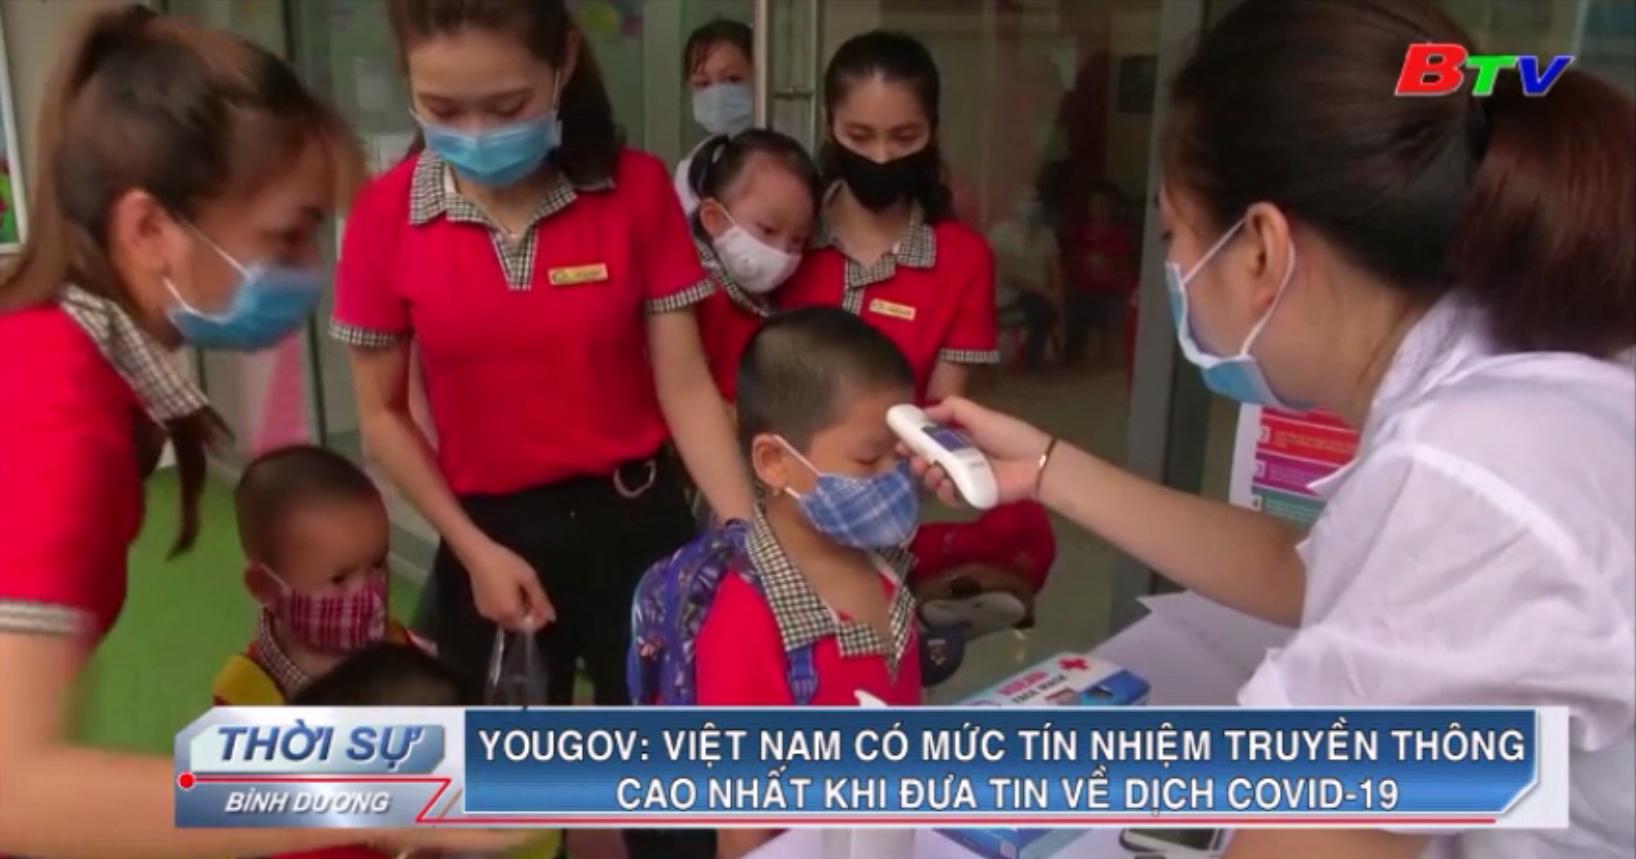 Yougov - Việt Nam có mức tín nhiệm truyền thông cao nhất khi đưa tin về dịch Covid-19